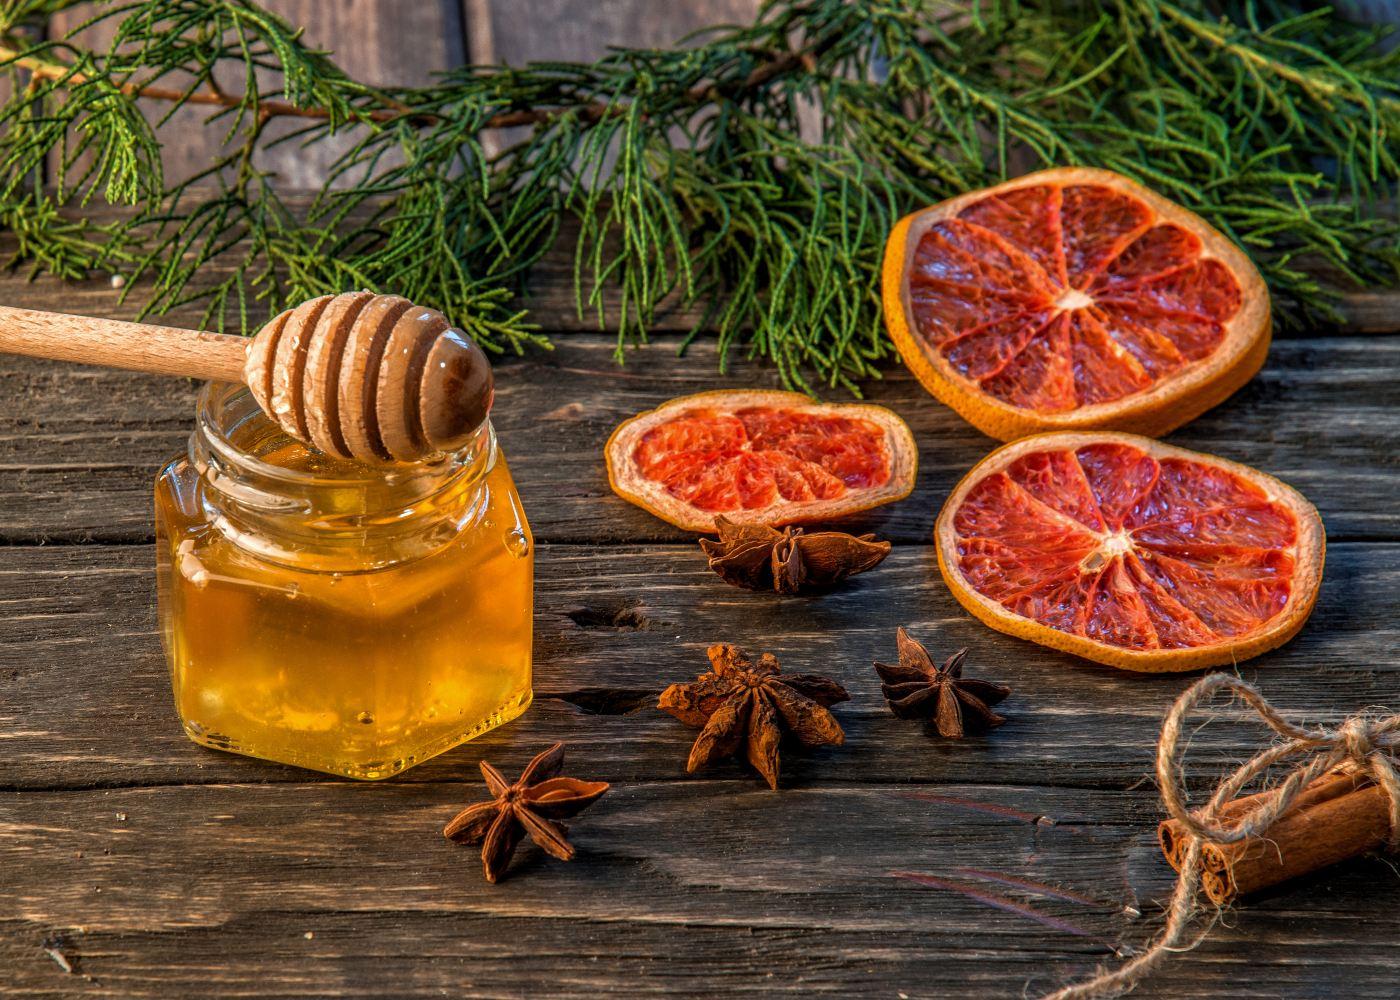 vinagre-toranja-mel